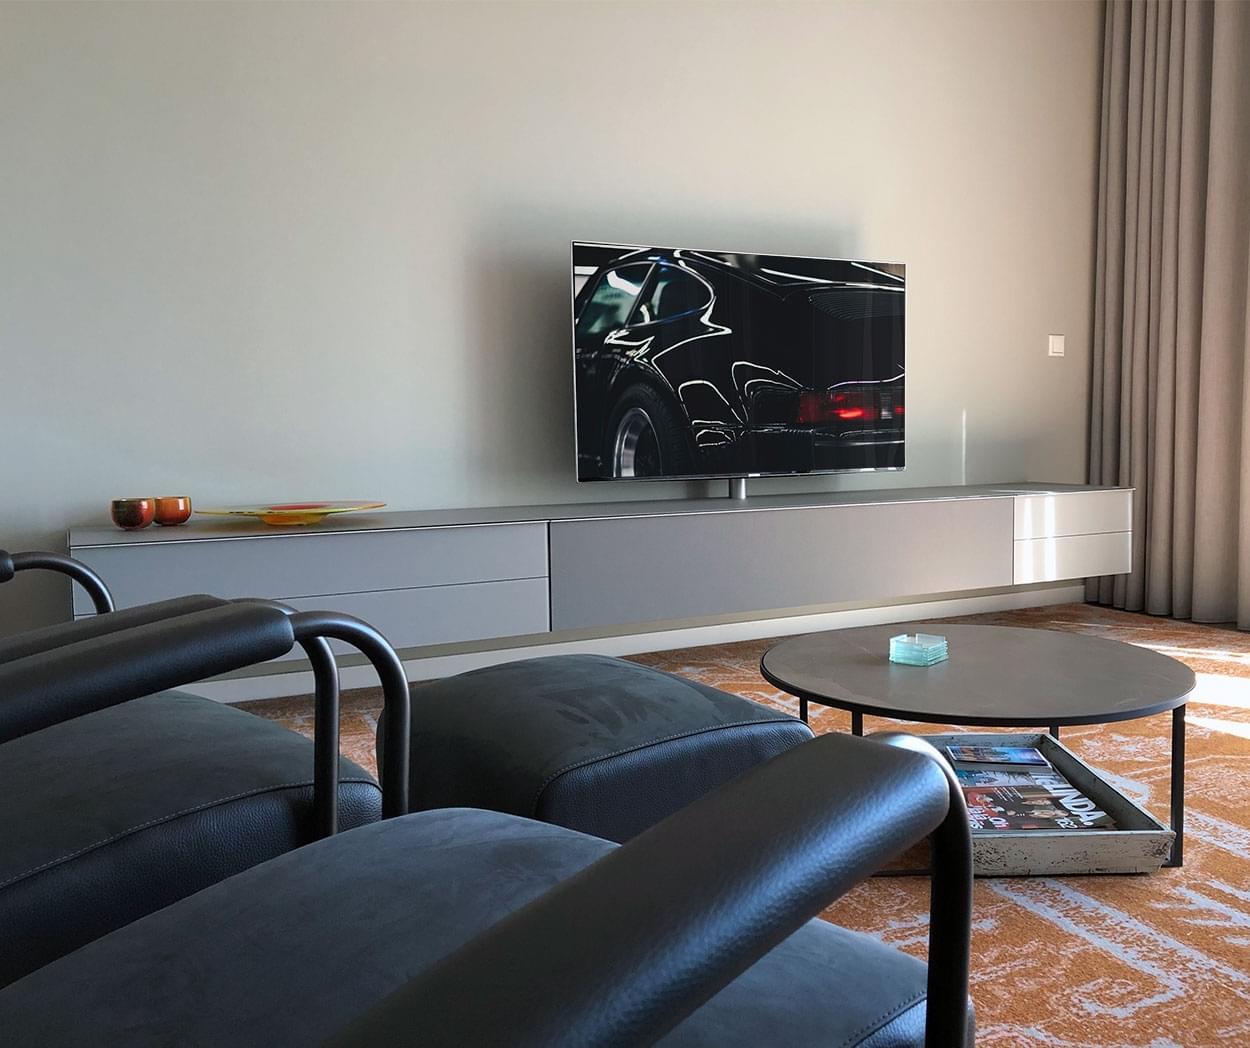 scala-sc1654-tv-meubel-met-speakerdoek